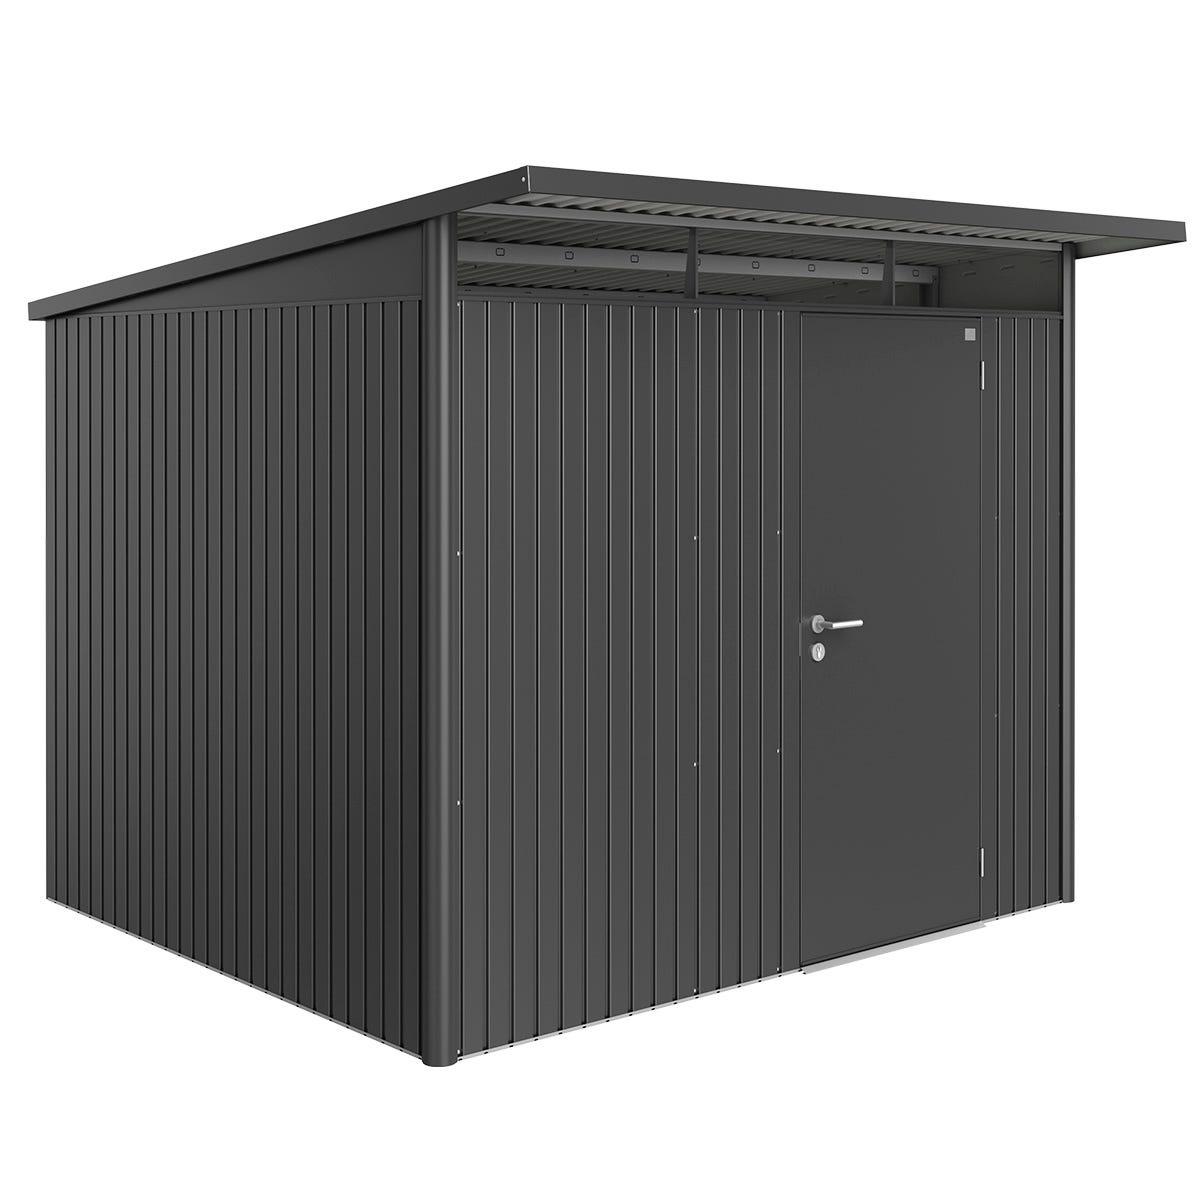 Biohort AvantGarde Metal Shed A6 Standard door 8' 5'' x 8' 5'' - Dark Grey